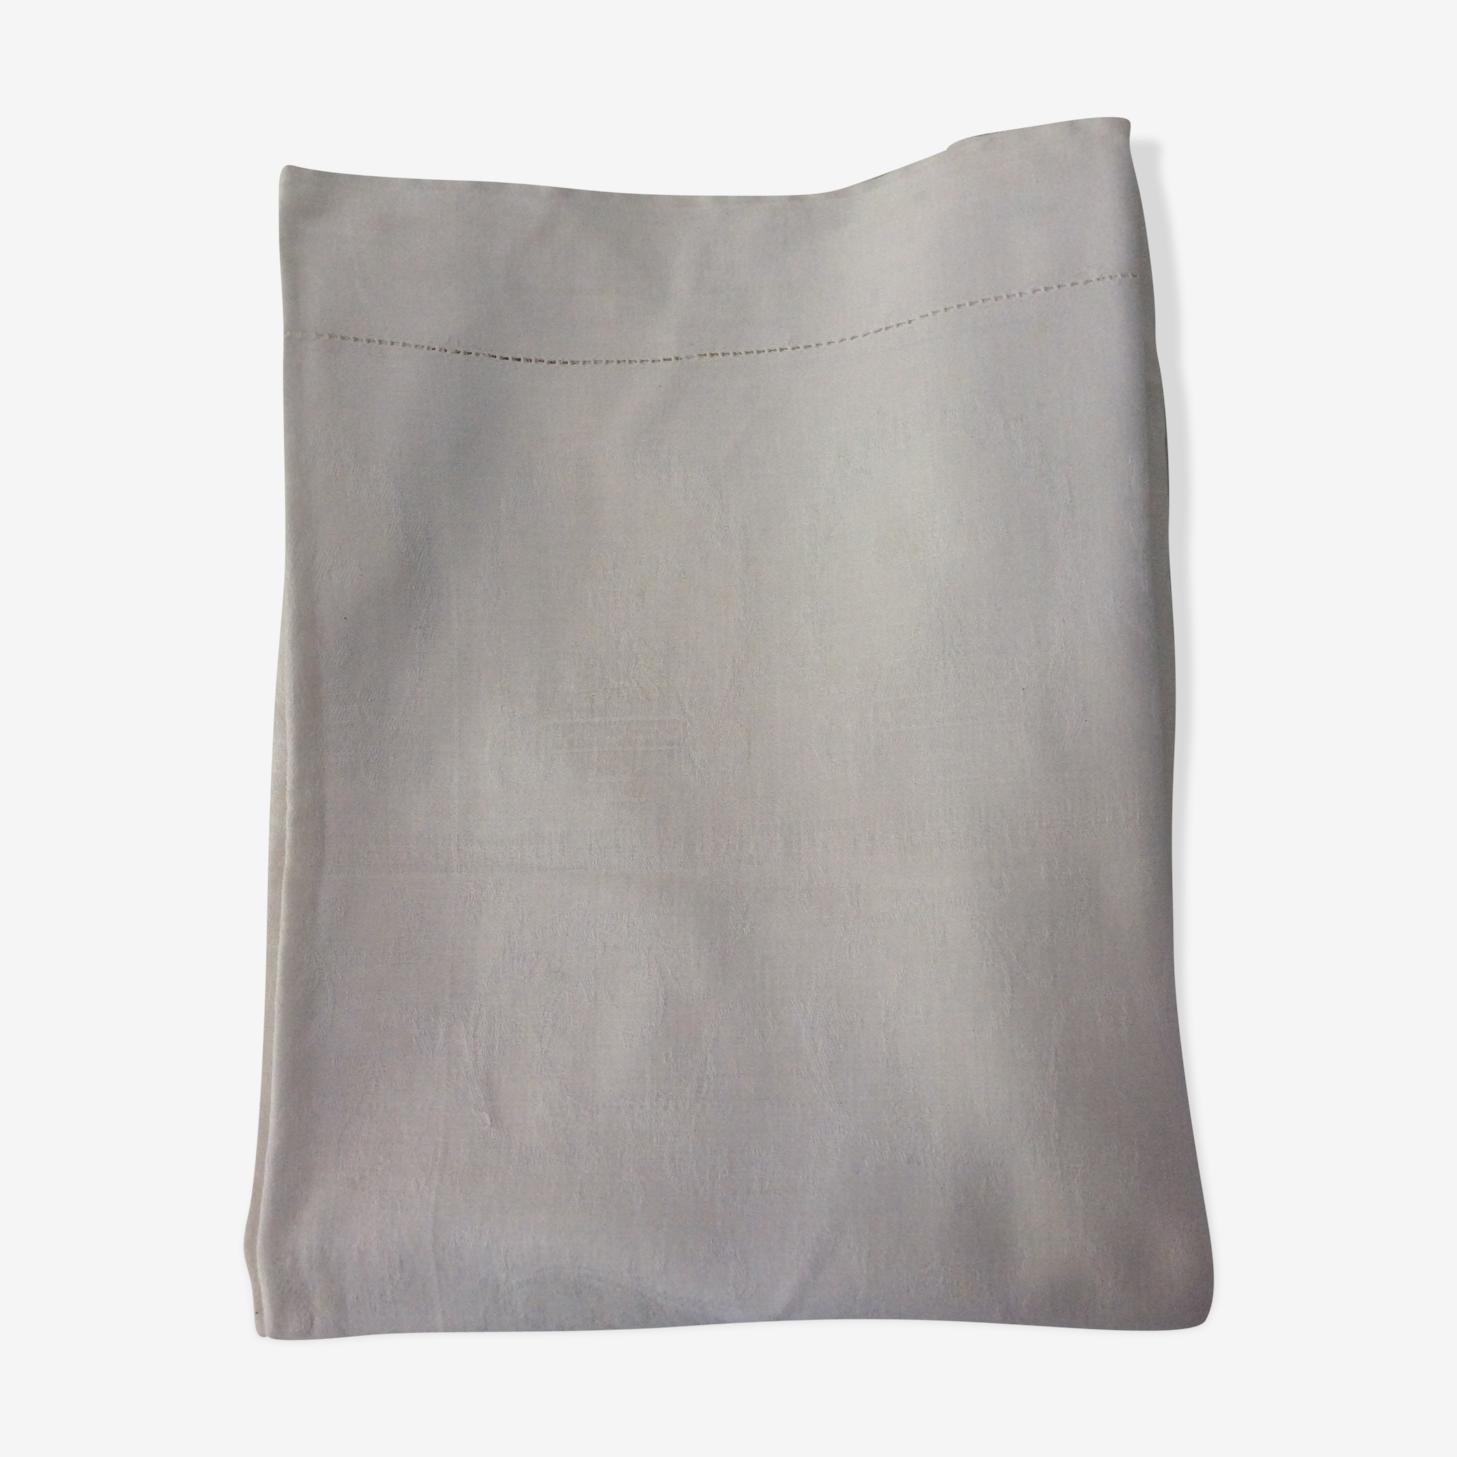 Nappe en coton blanc avec petite broderie 125x135 cm